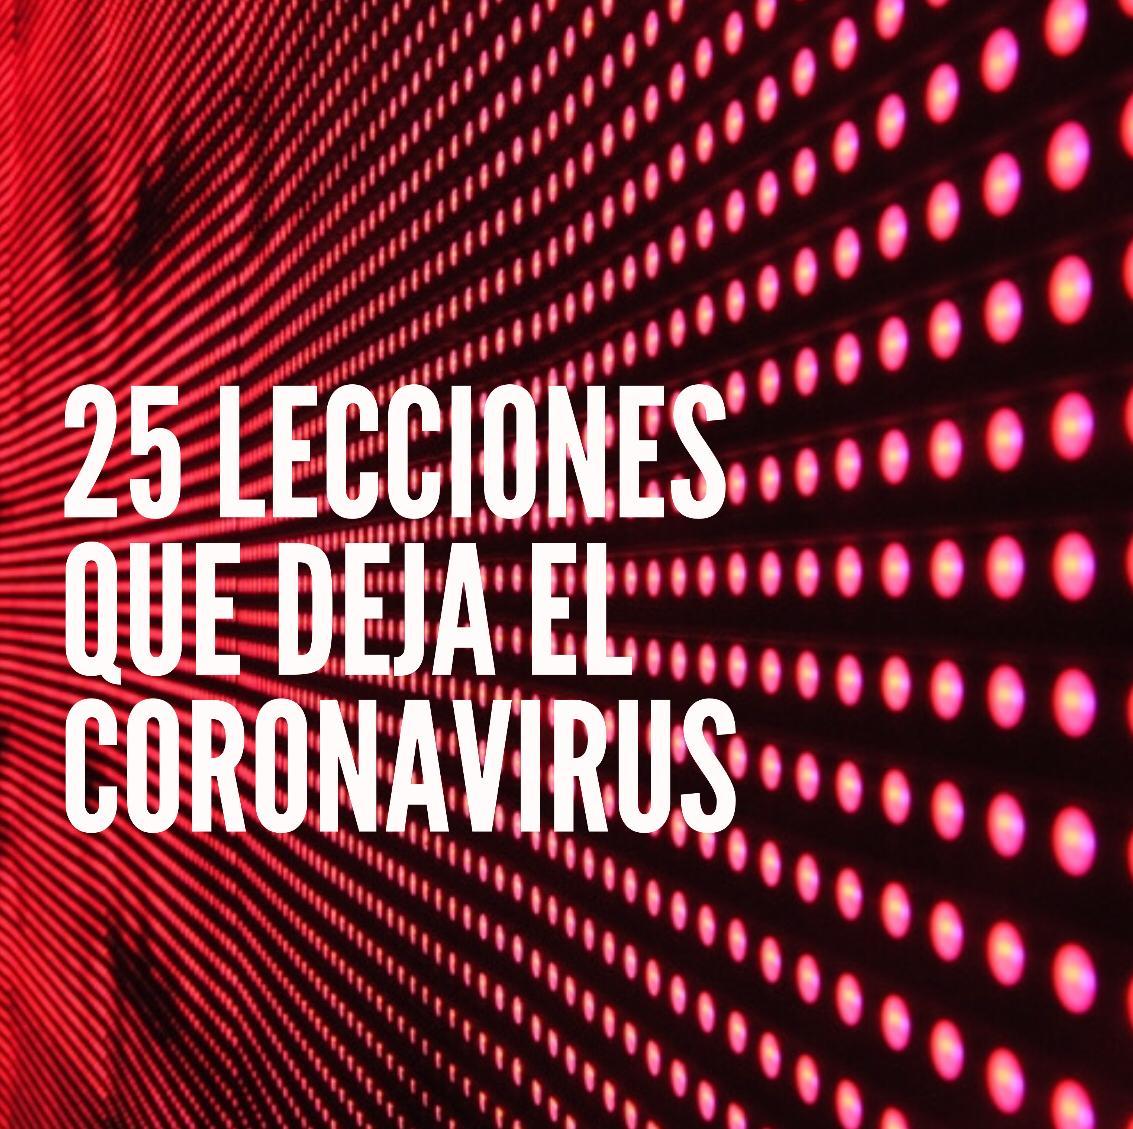 Lecciones del Coronavirus